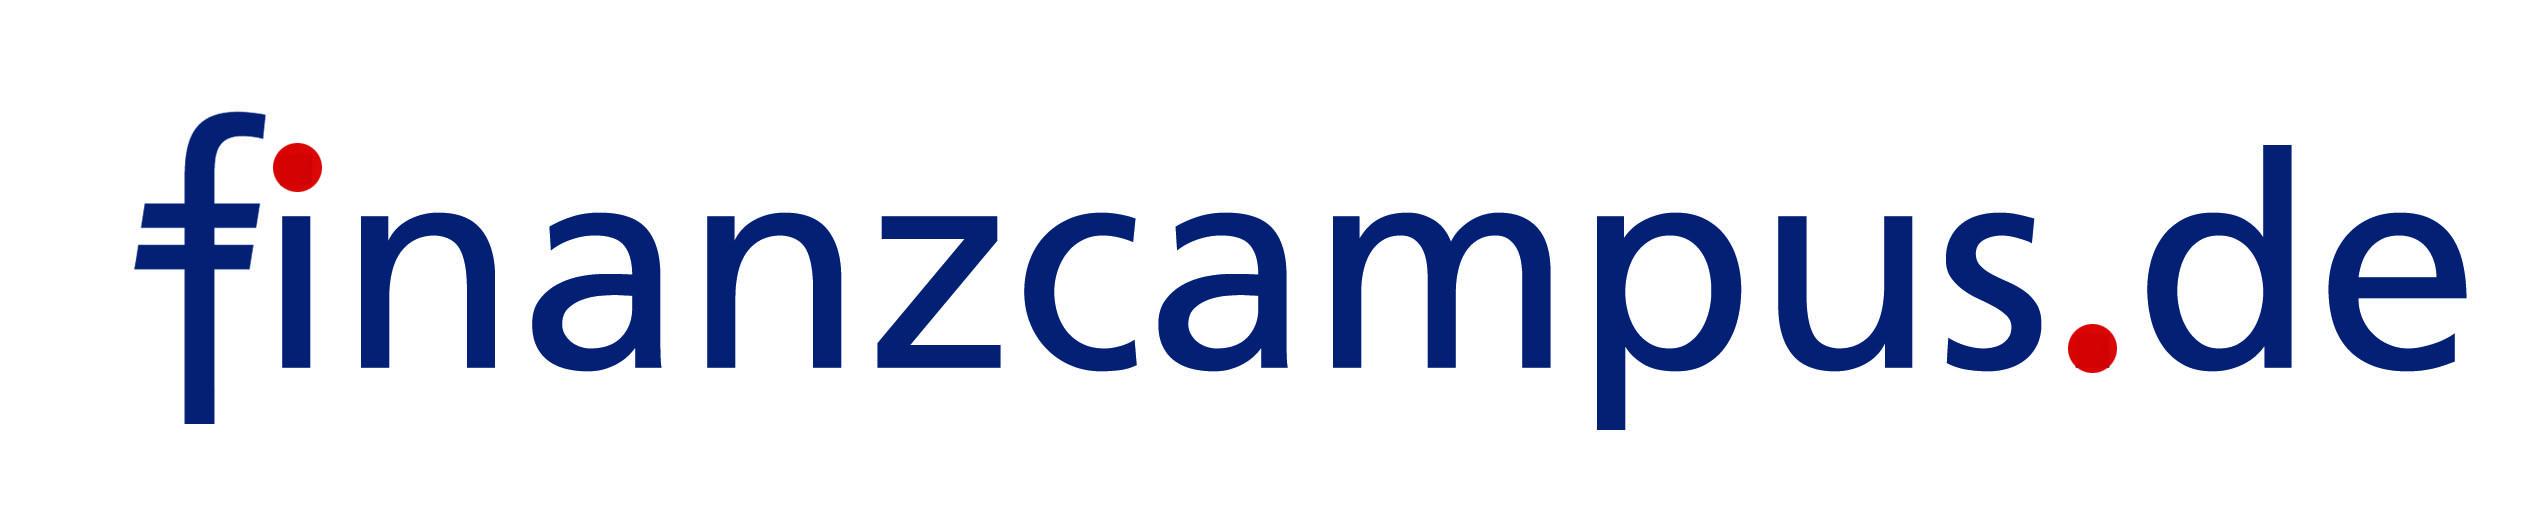 Logo Finanzcampus